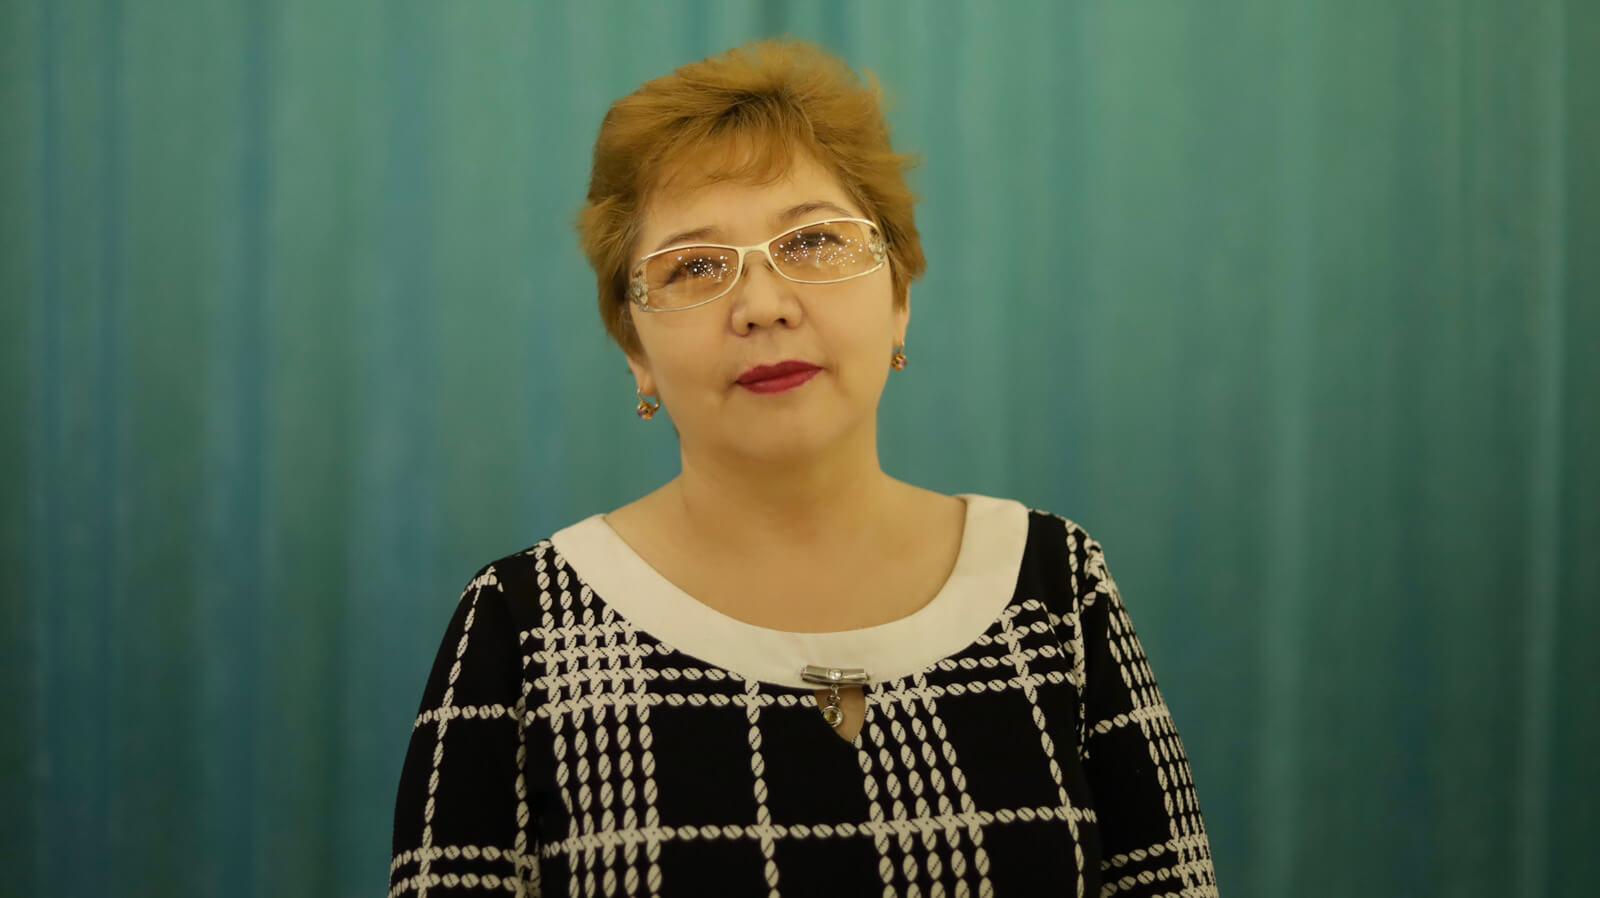 Дауымбаева Гайни Зайнулиновна - Воспитатель группы «Жемчужинки»